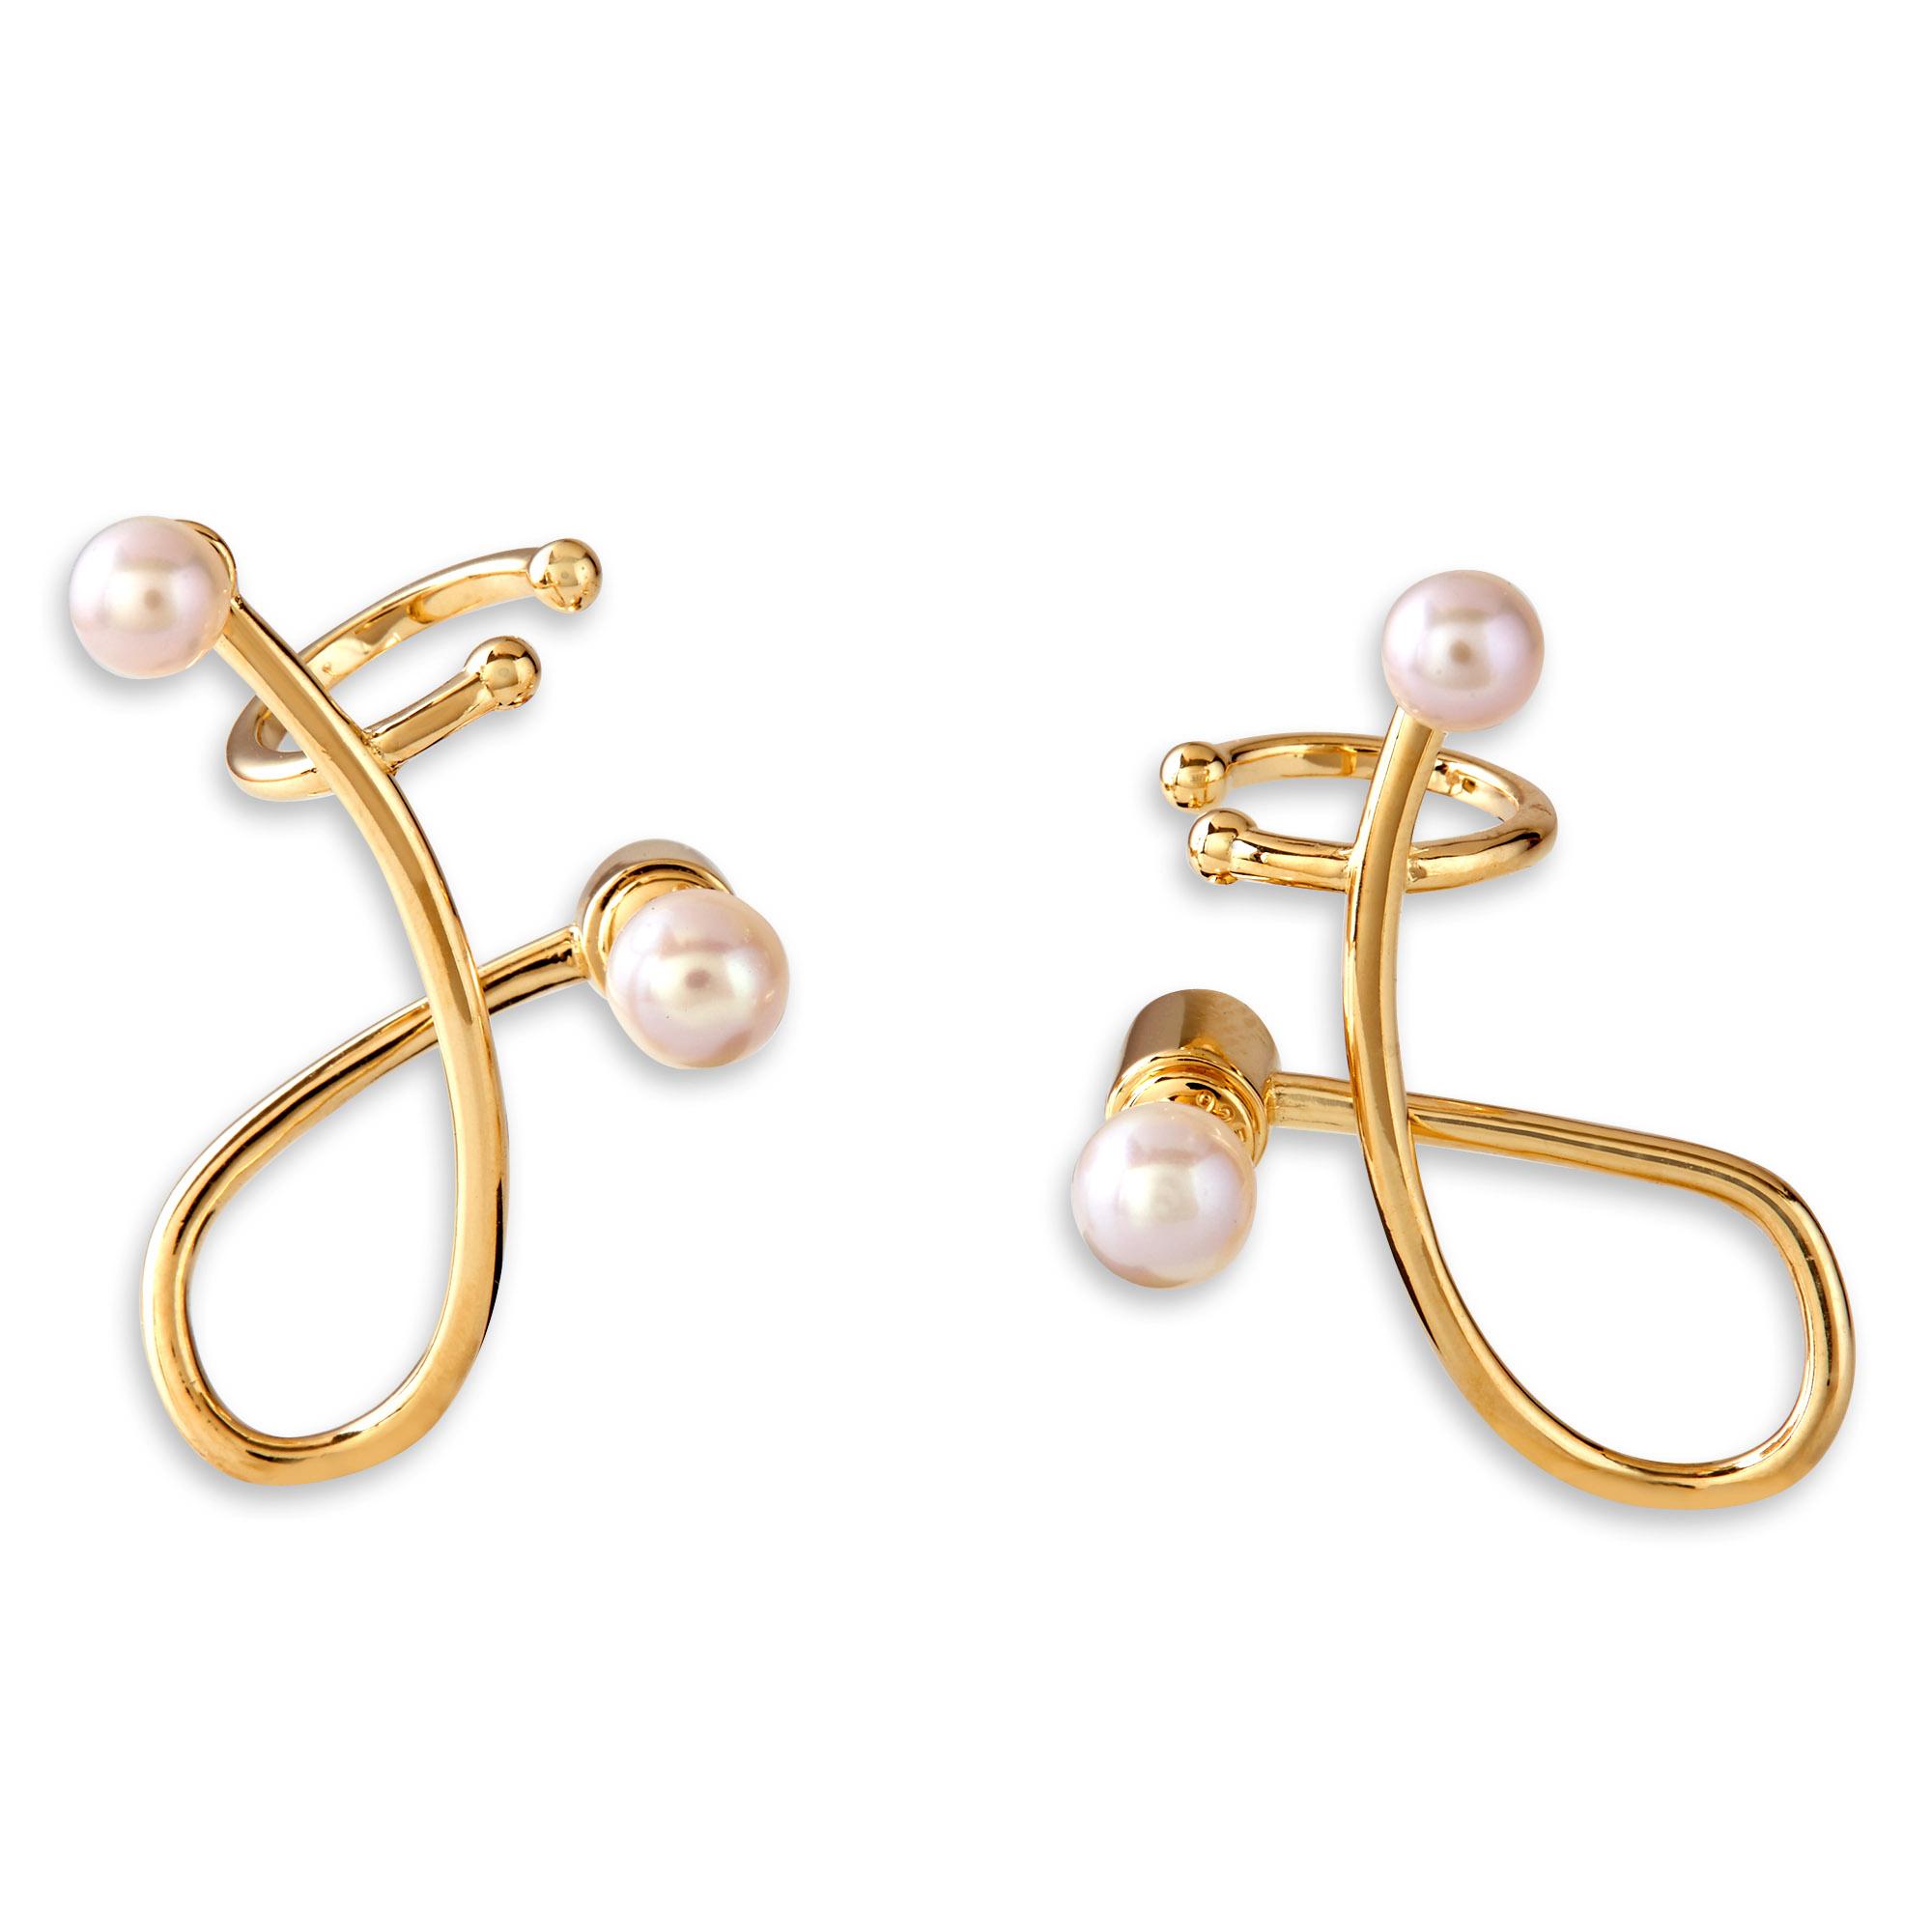 GP_Earrings_006.jpg